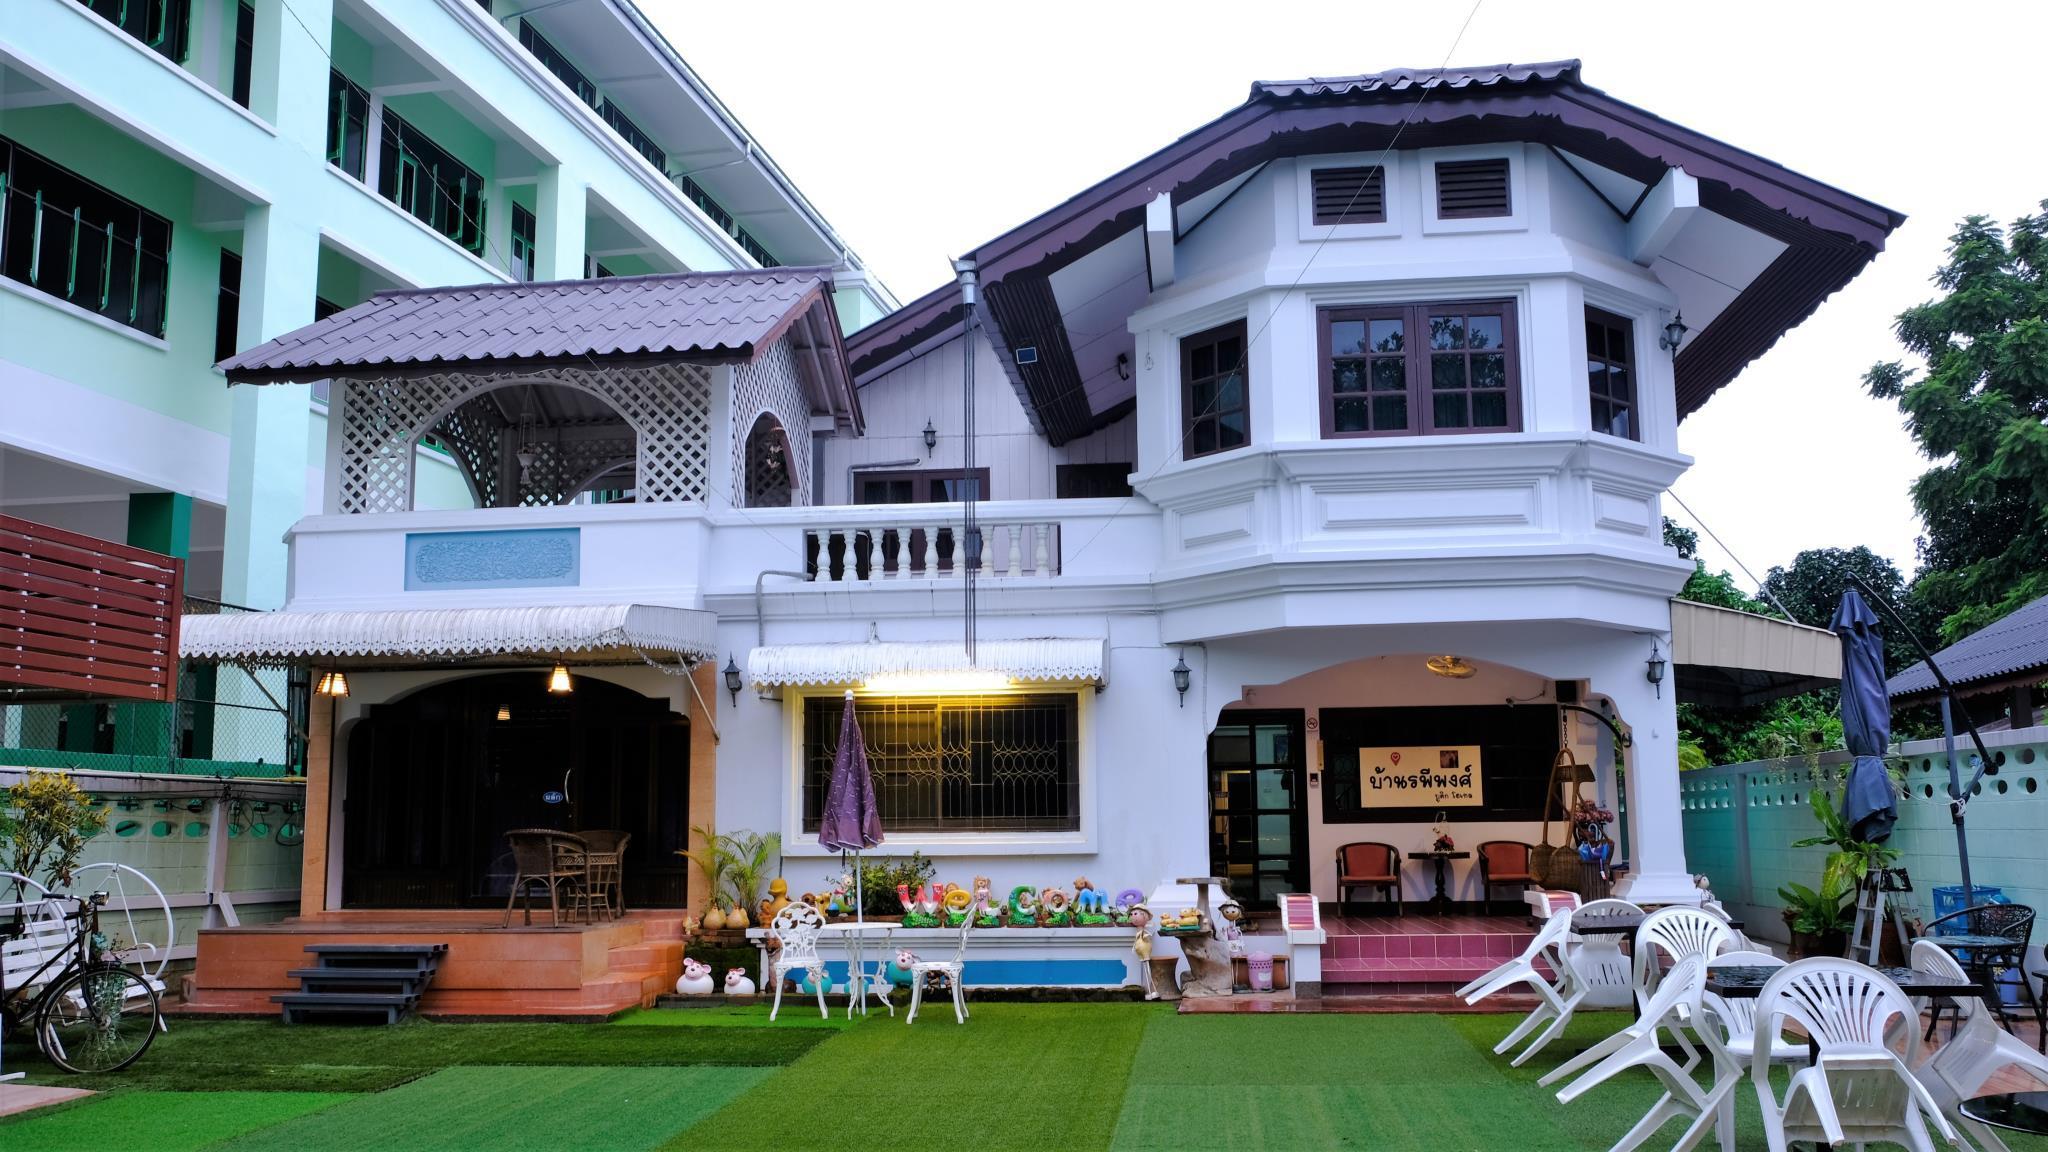 บ้านรพีพงศ์ บูติก โฮเทล